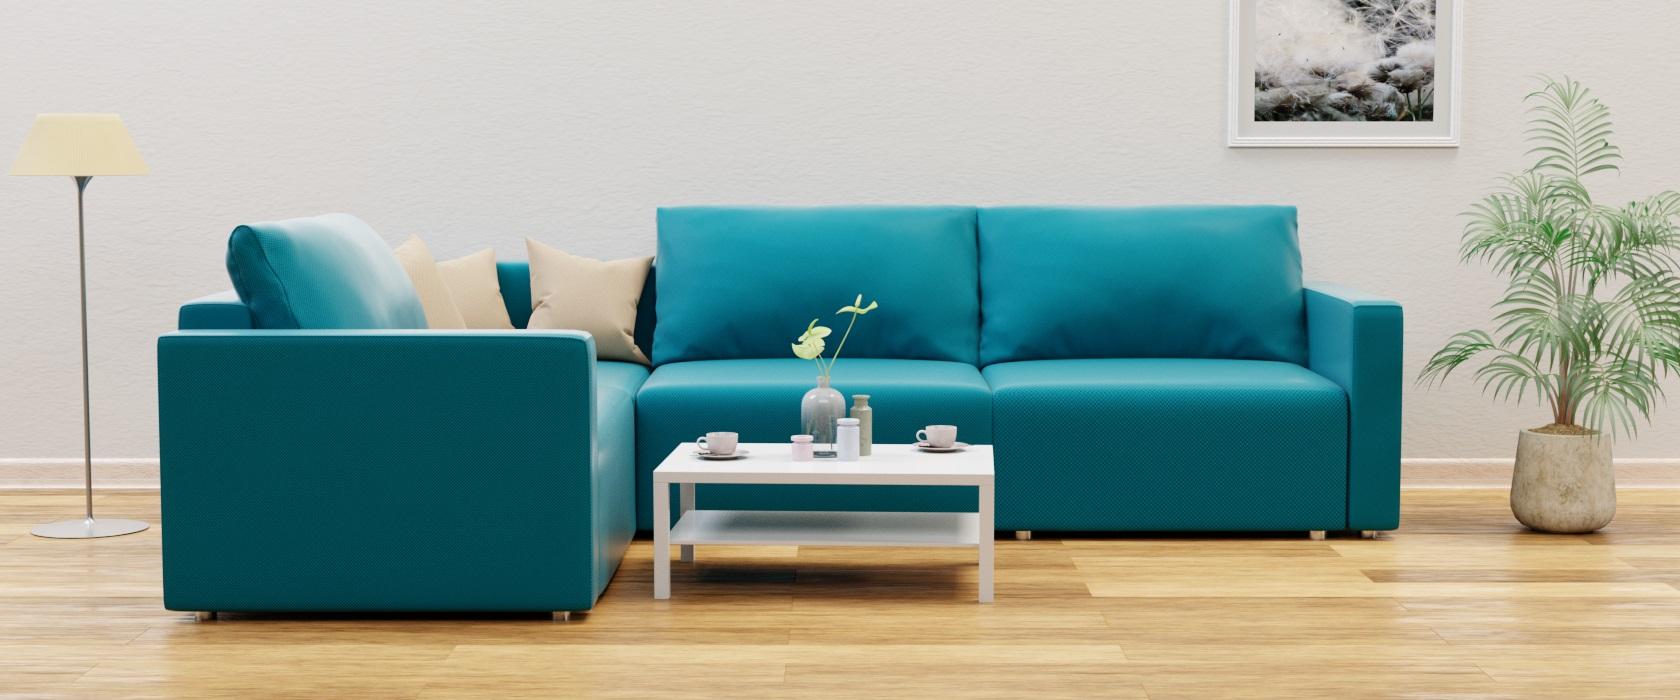 Модульний диван Greta 317x217 - Фото 2 - Pufetto